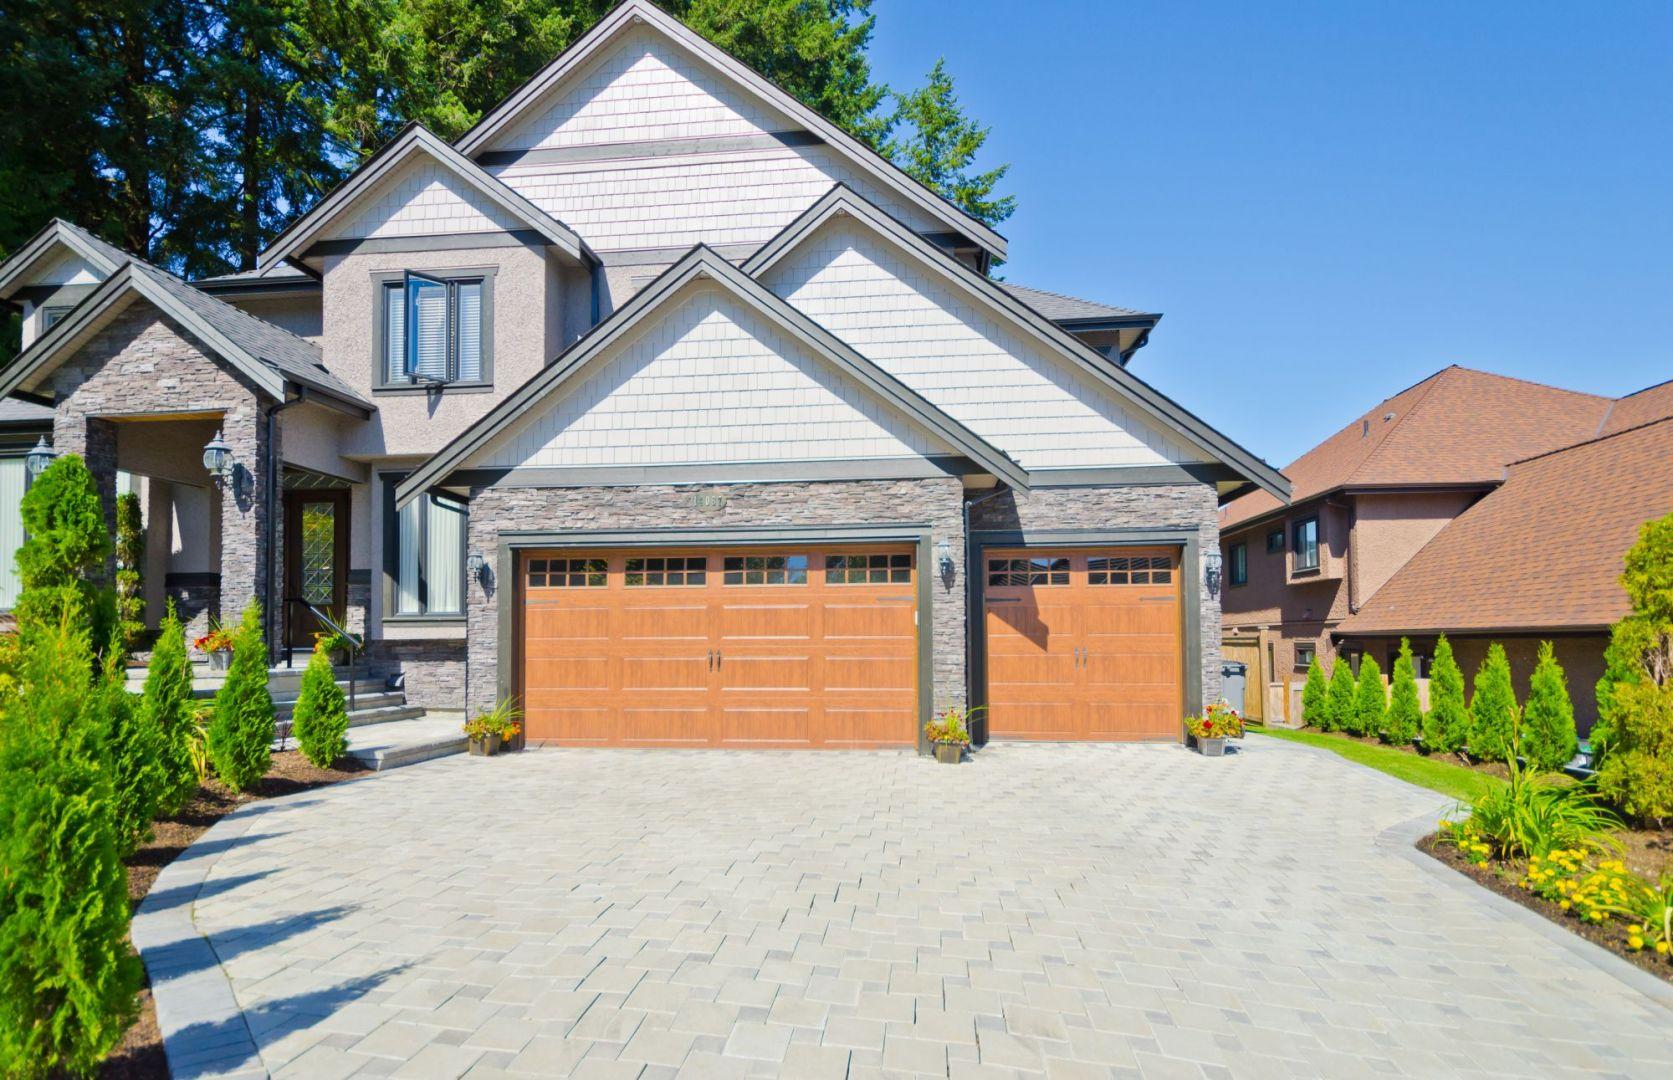 Nawierzchnie wokół domu - układanie kostki brukowej. Fot. Shutterstock